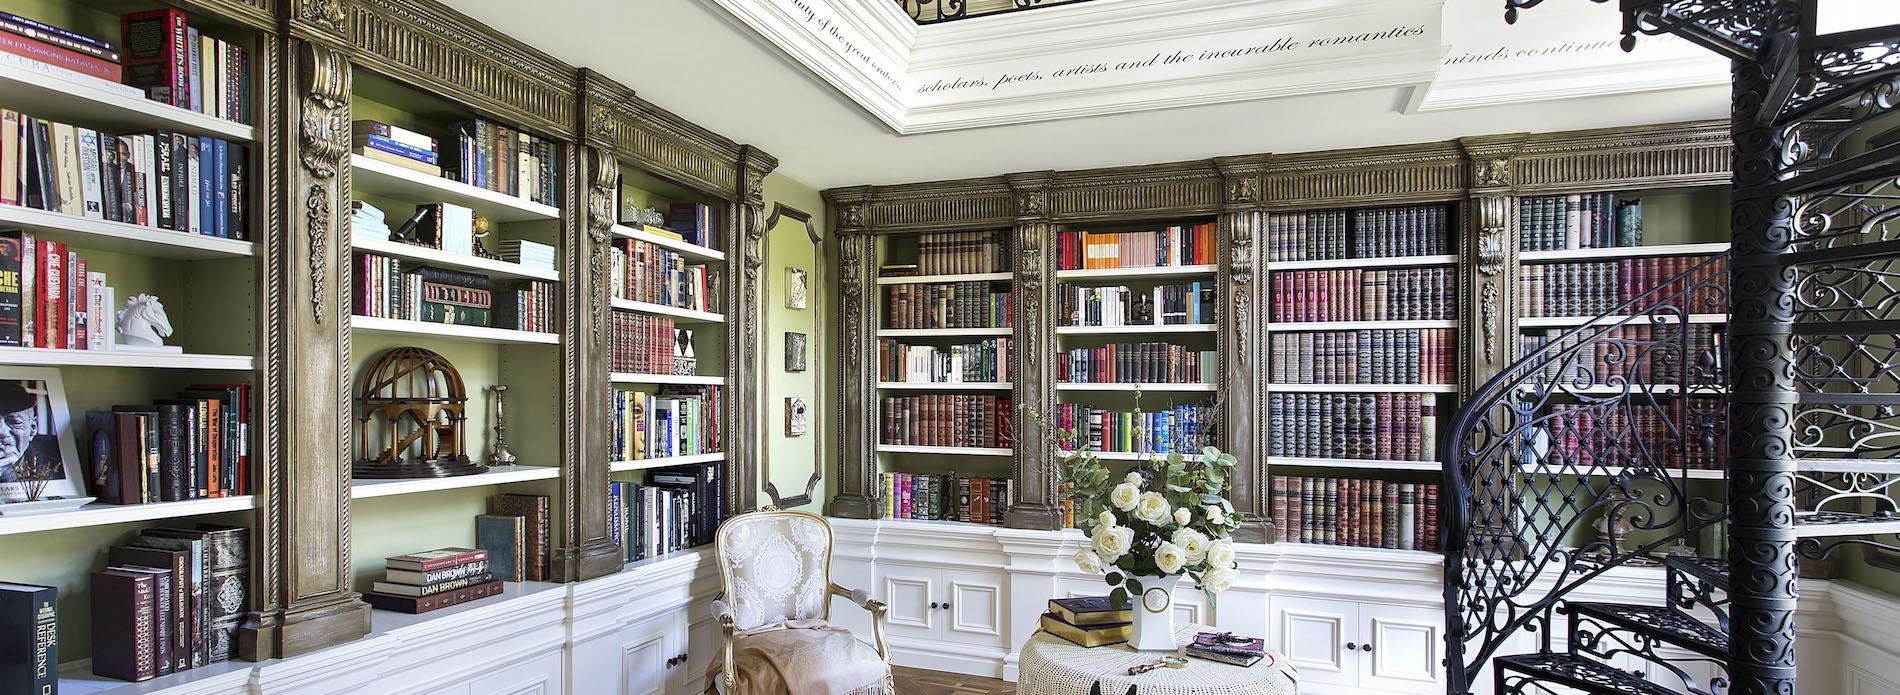 cabinet makers sydney inner west. Black Bedroom Furniture Sets. Home Design Ideas